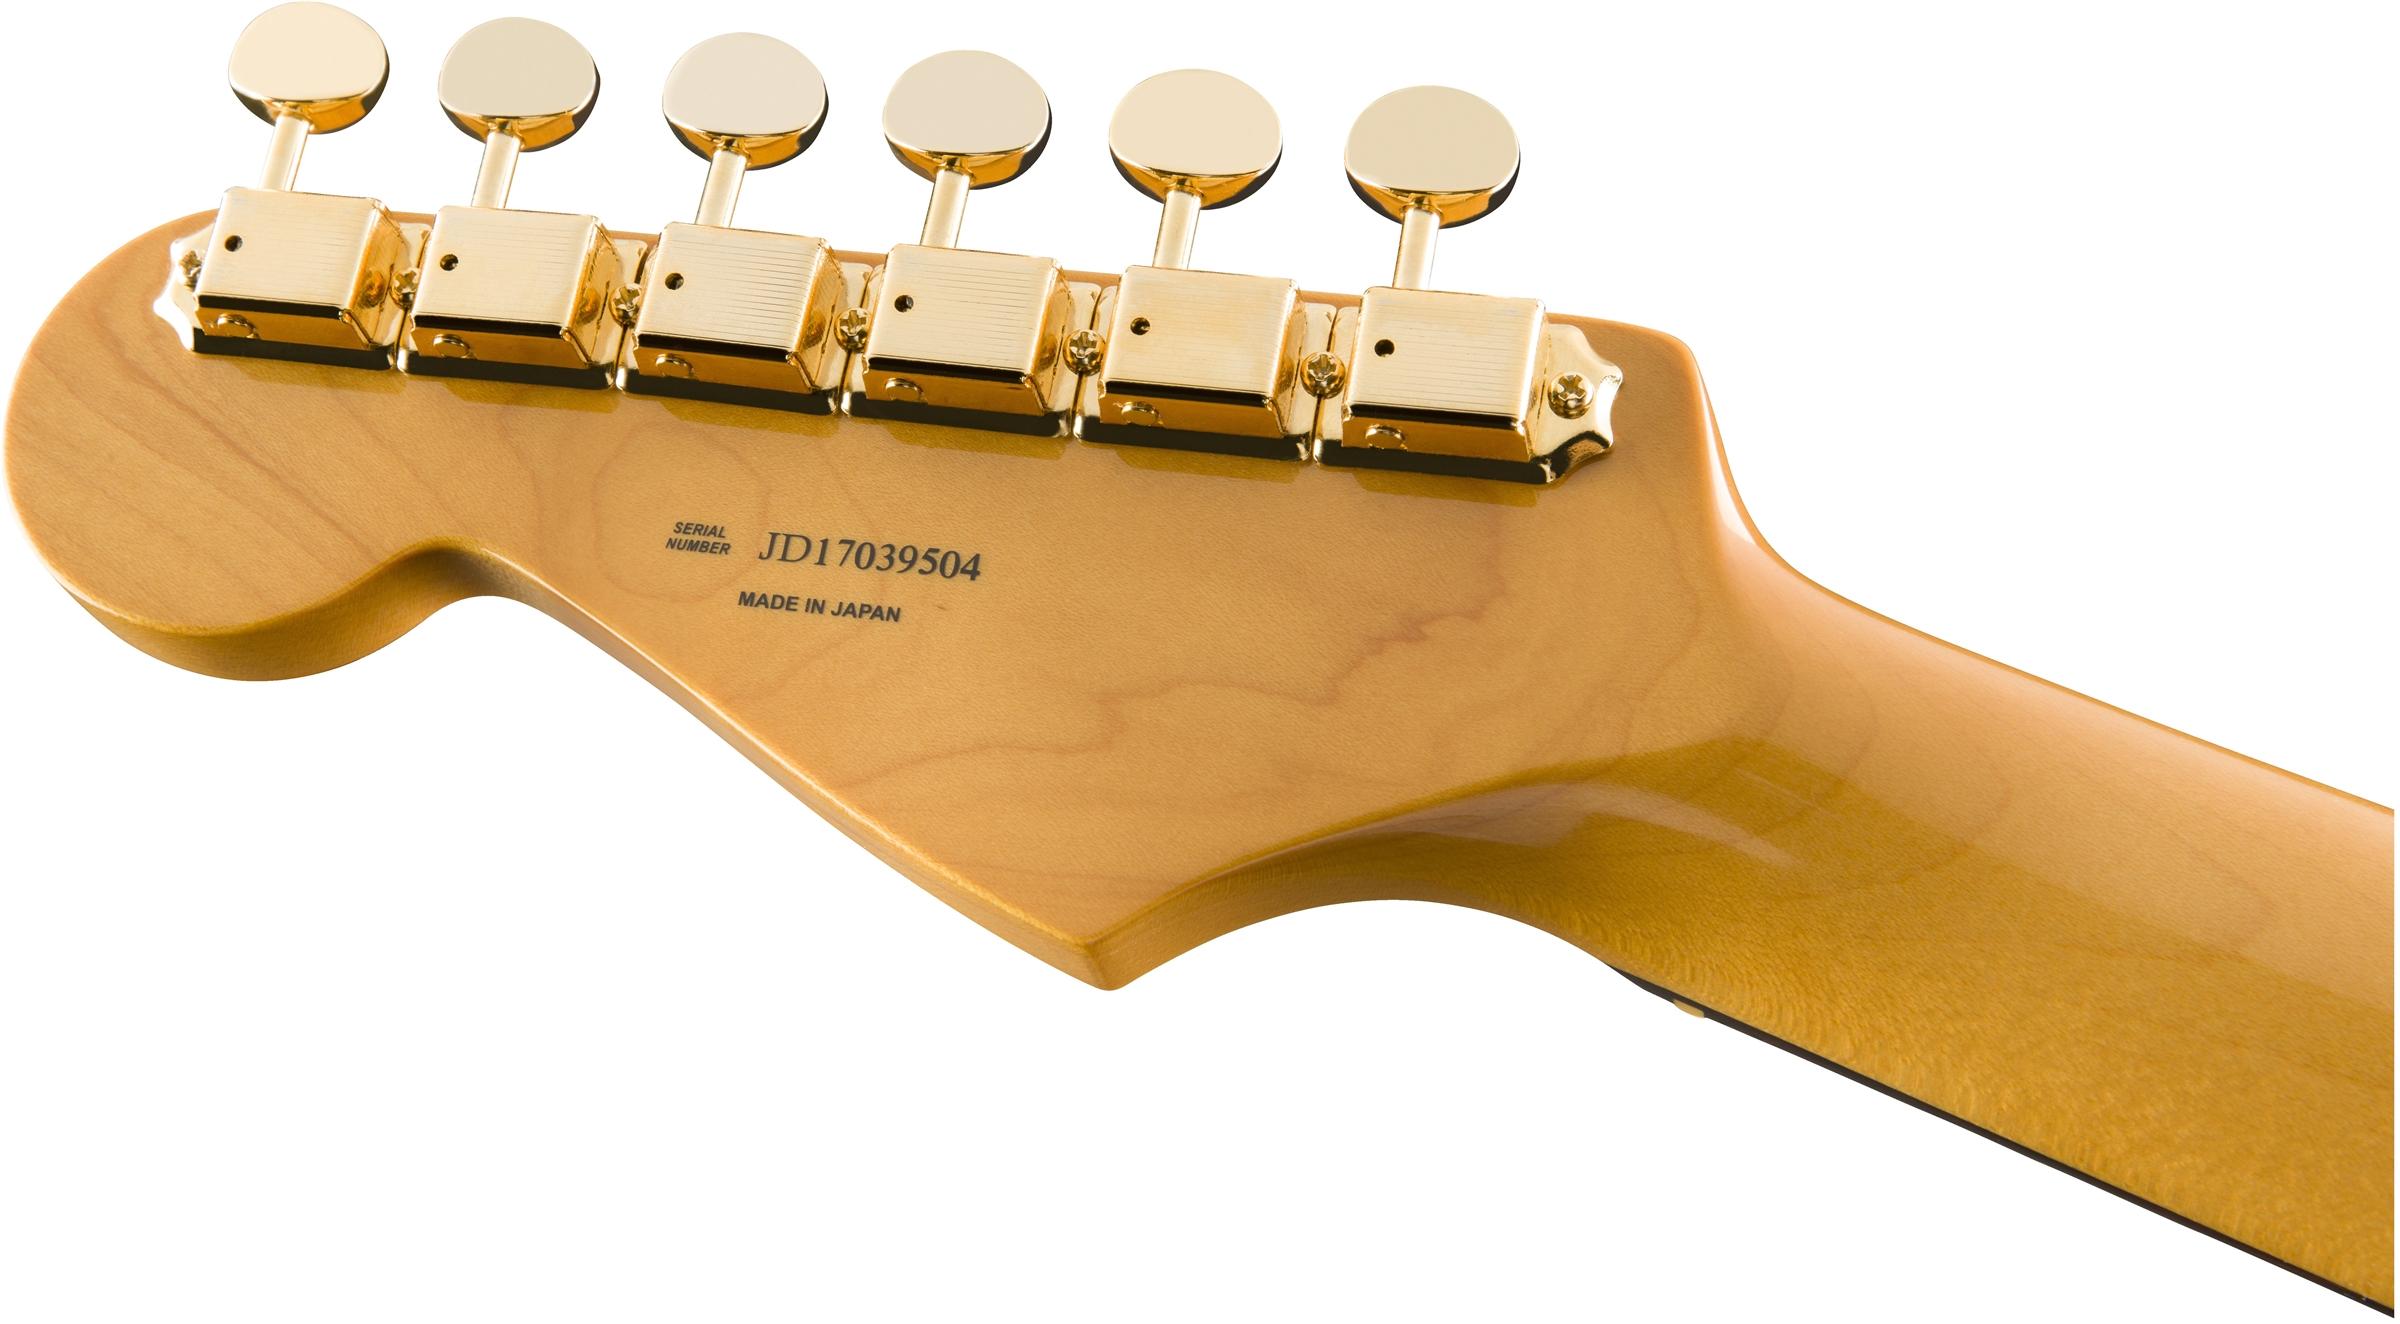 Fenders serial number dating service japan